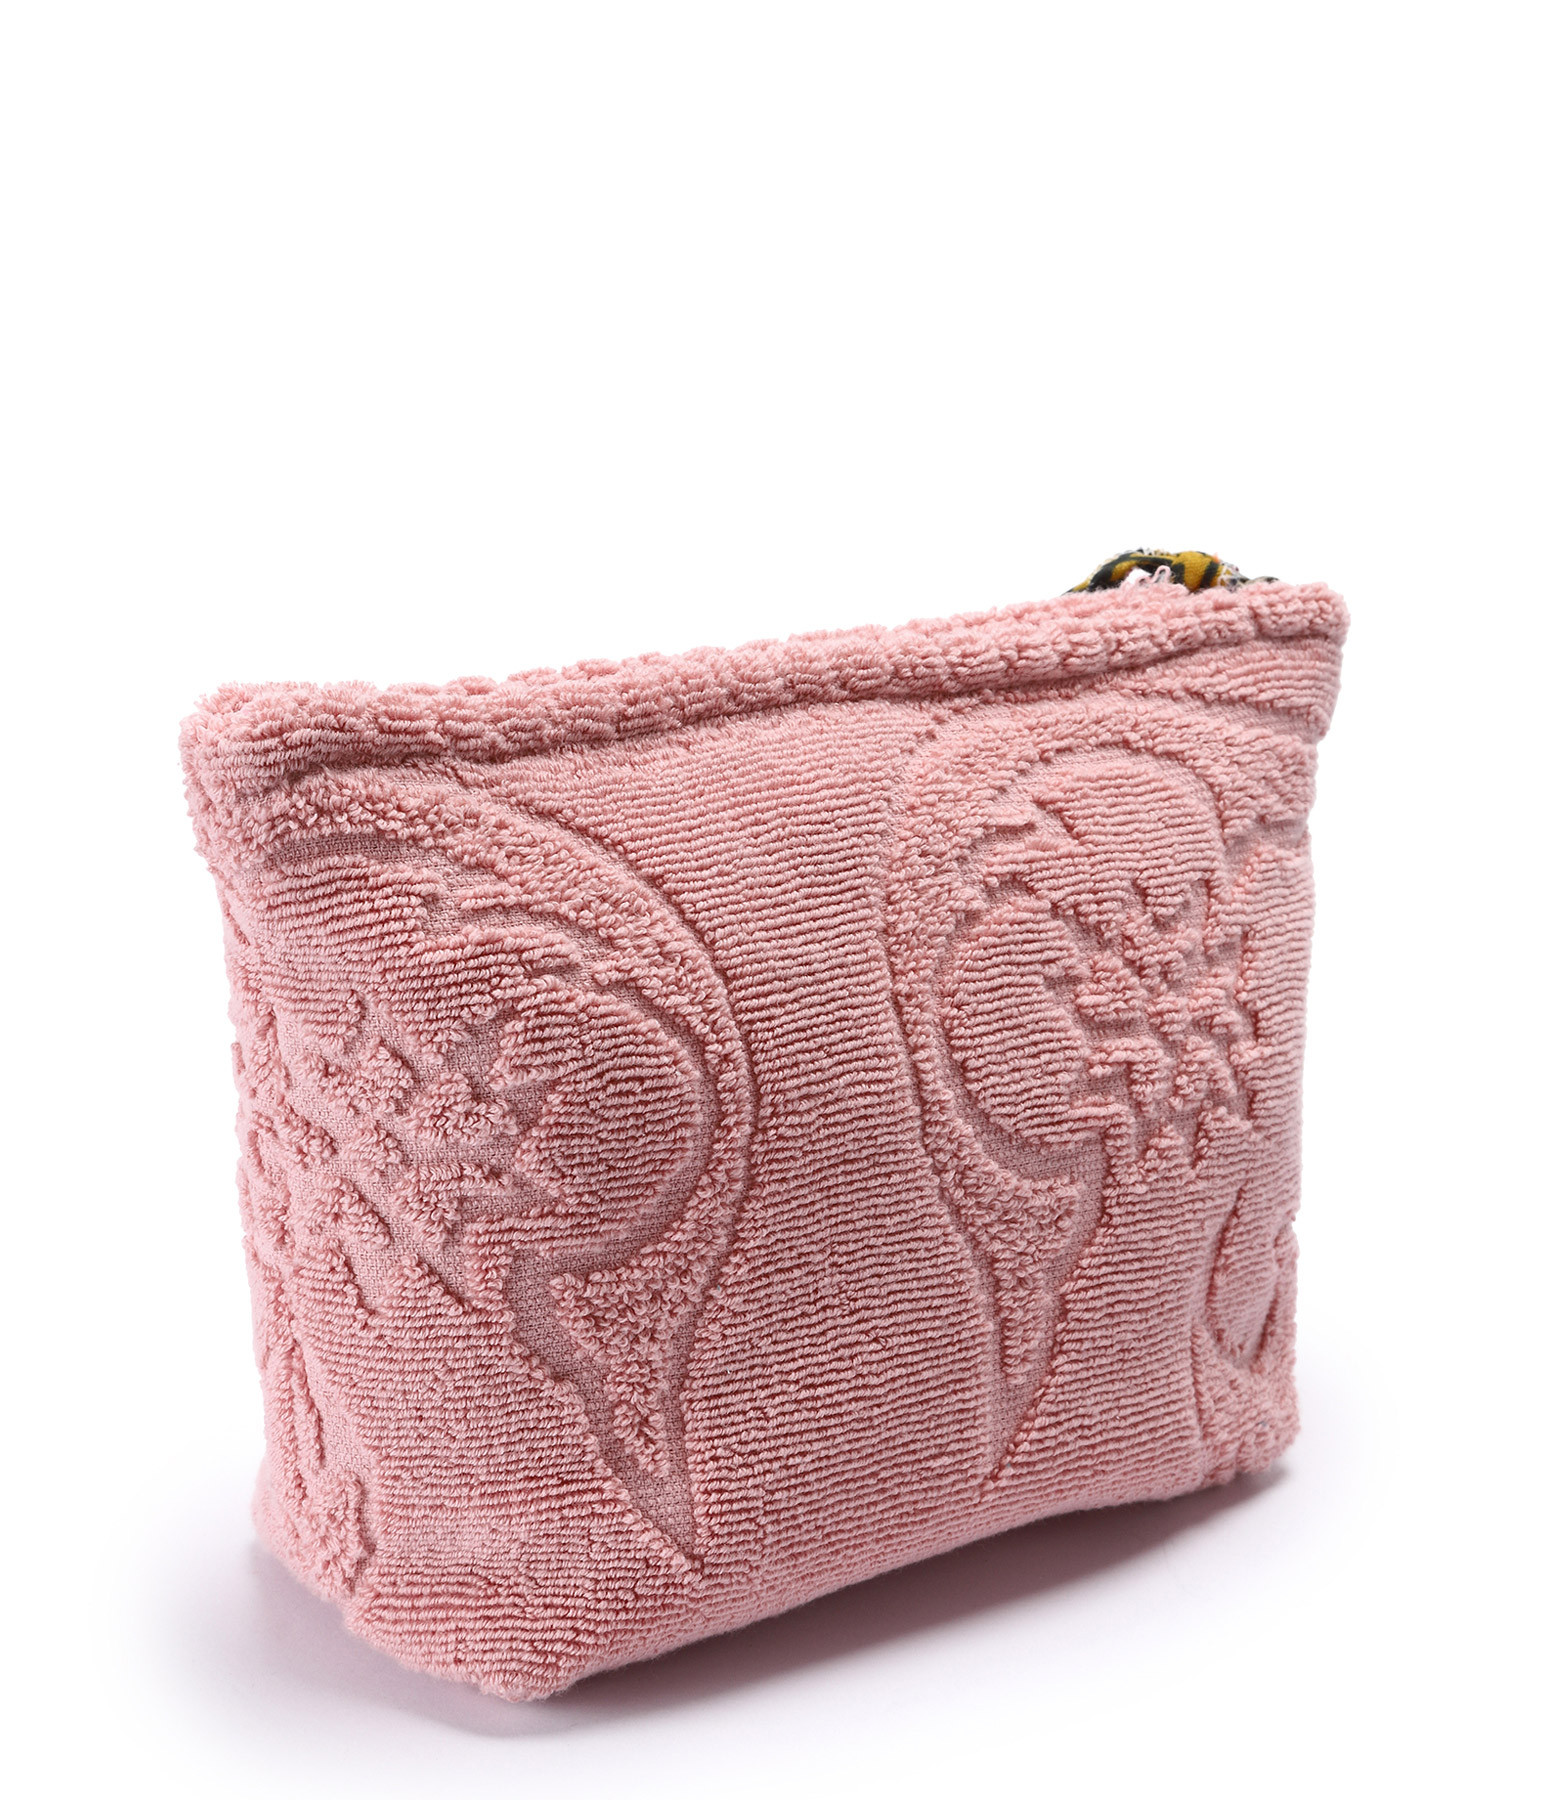 LALLA - Petite Trousse Walakin Eponge Blush